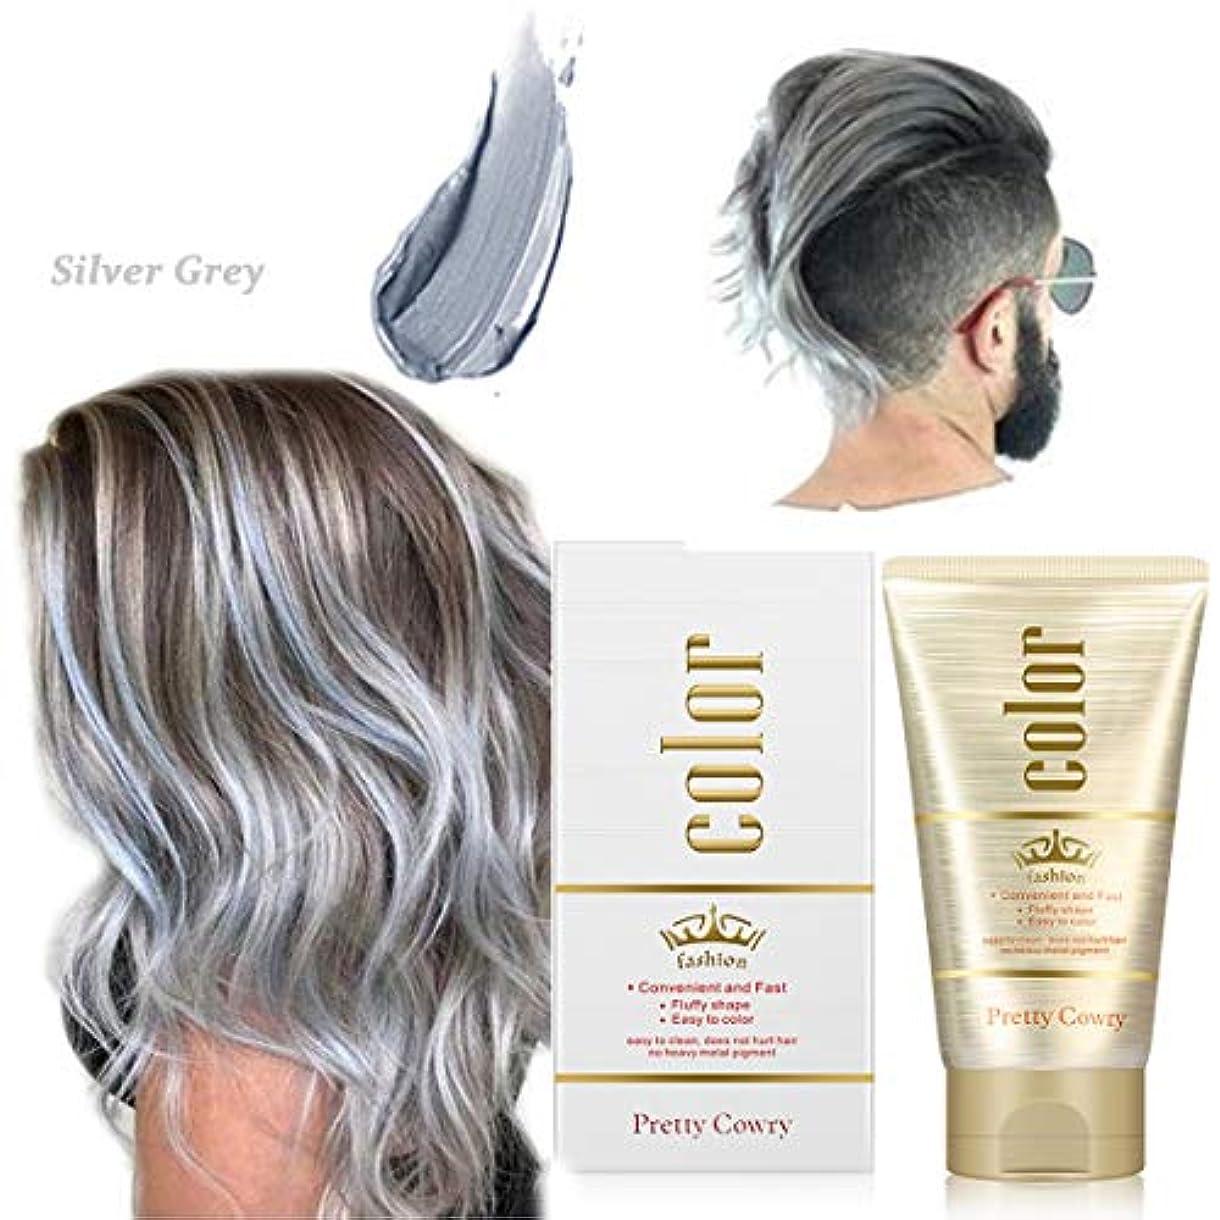 発表いじめっ子回想染めヘアワックス、ワンタイムカラースタイリング、スタイリングカラーヘアワックス、ユニセックス9色、diyヘアカラーヘアパーティー、ロールプレイング (Sliver grey)